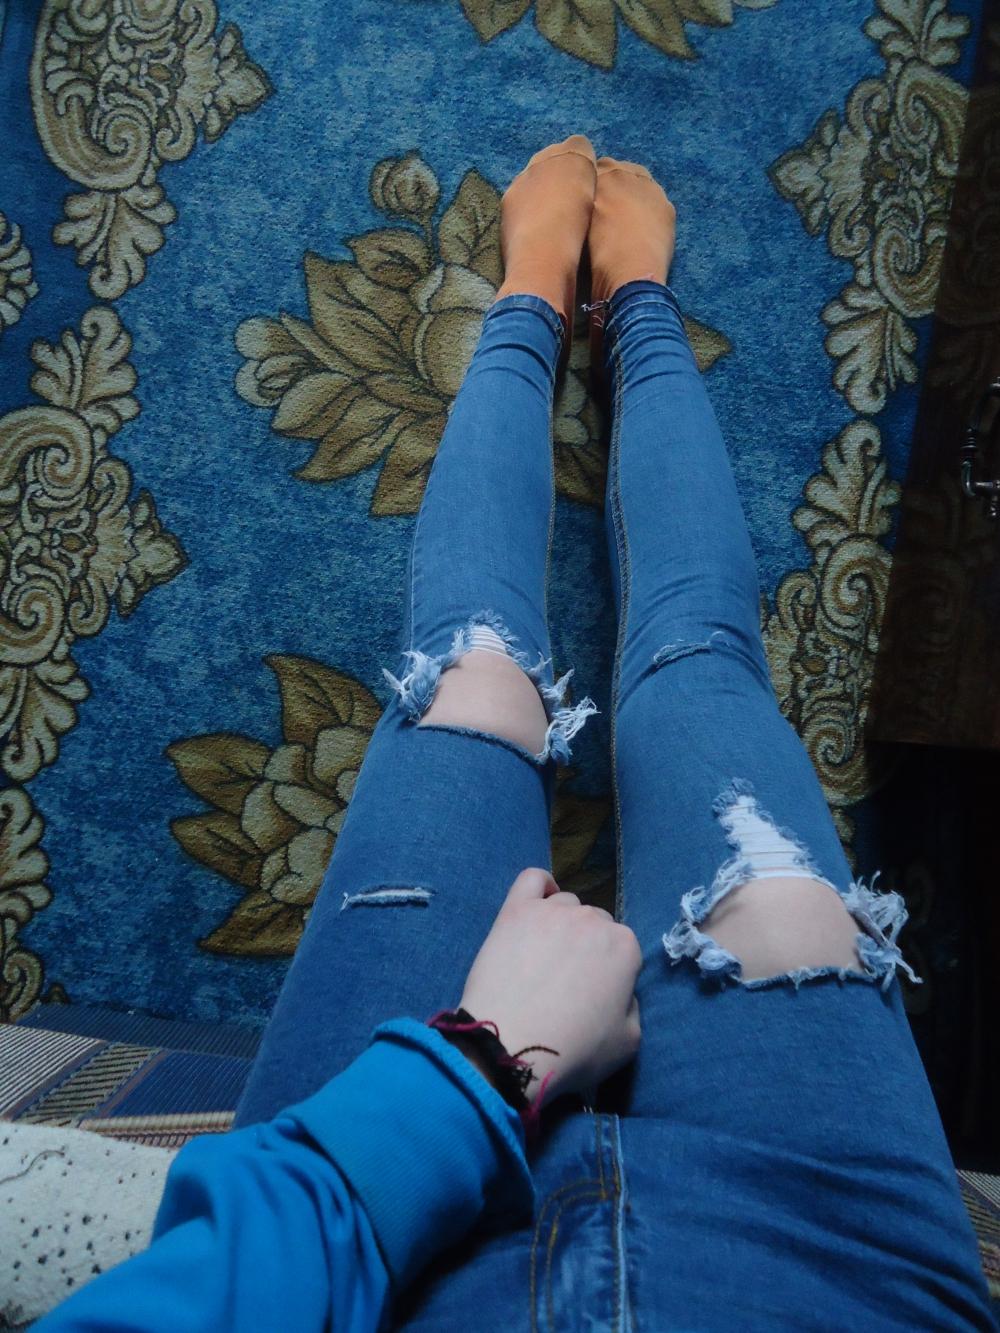 Щели между ног крупный план 18 фотография